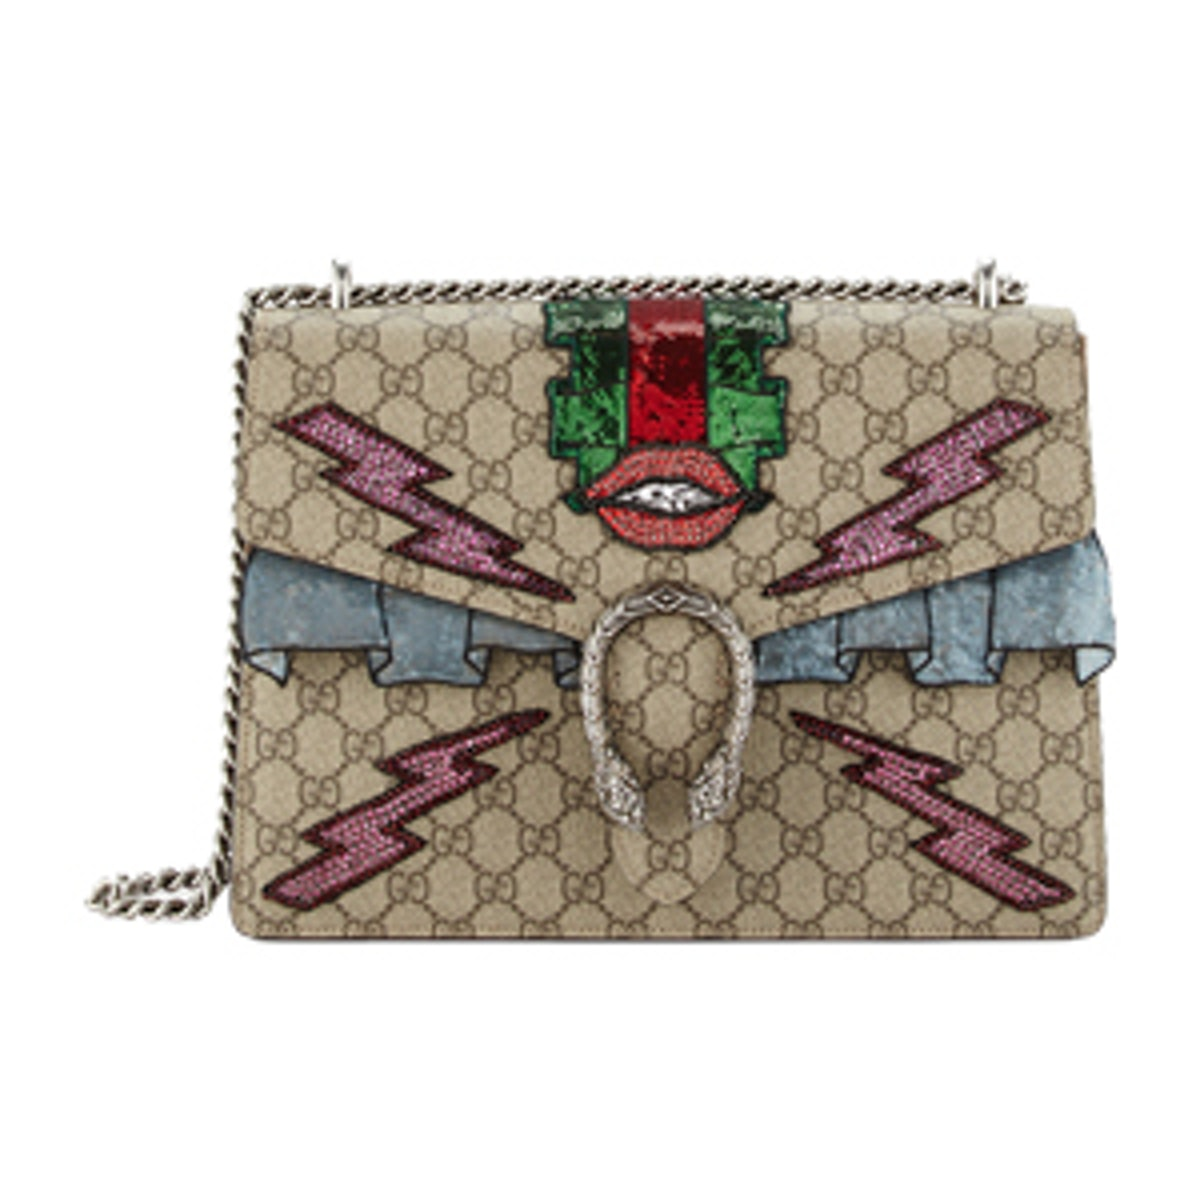 Dionysus Embroidered Supreme GG Shoulder Bag